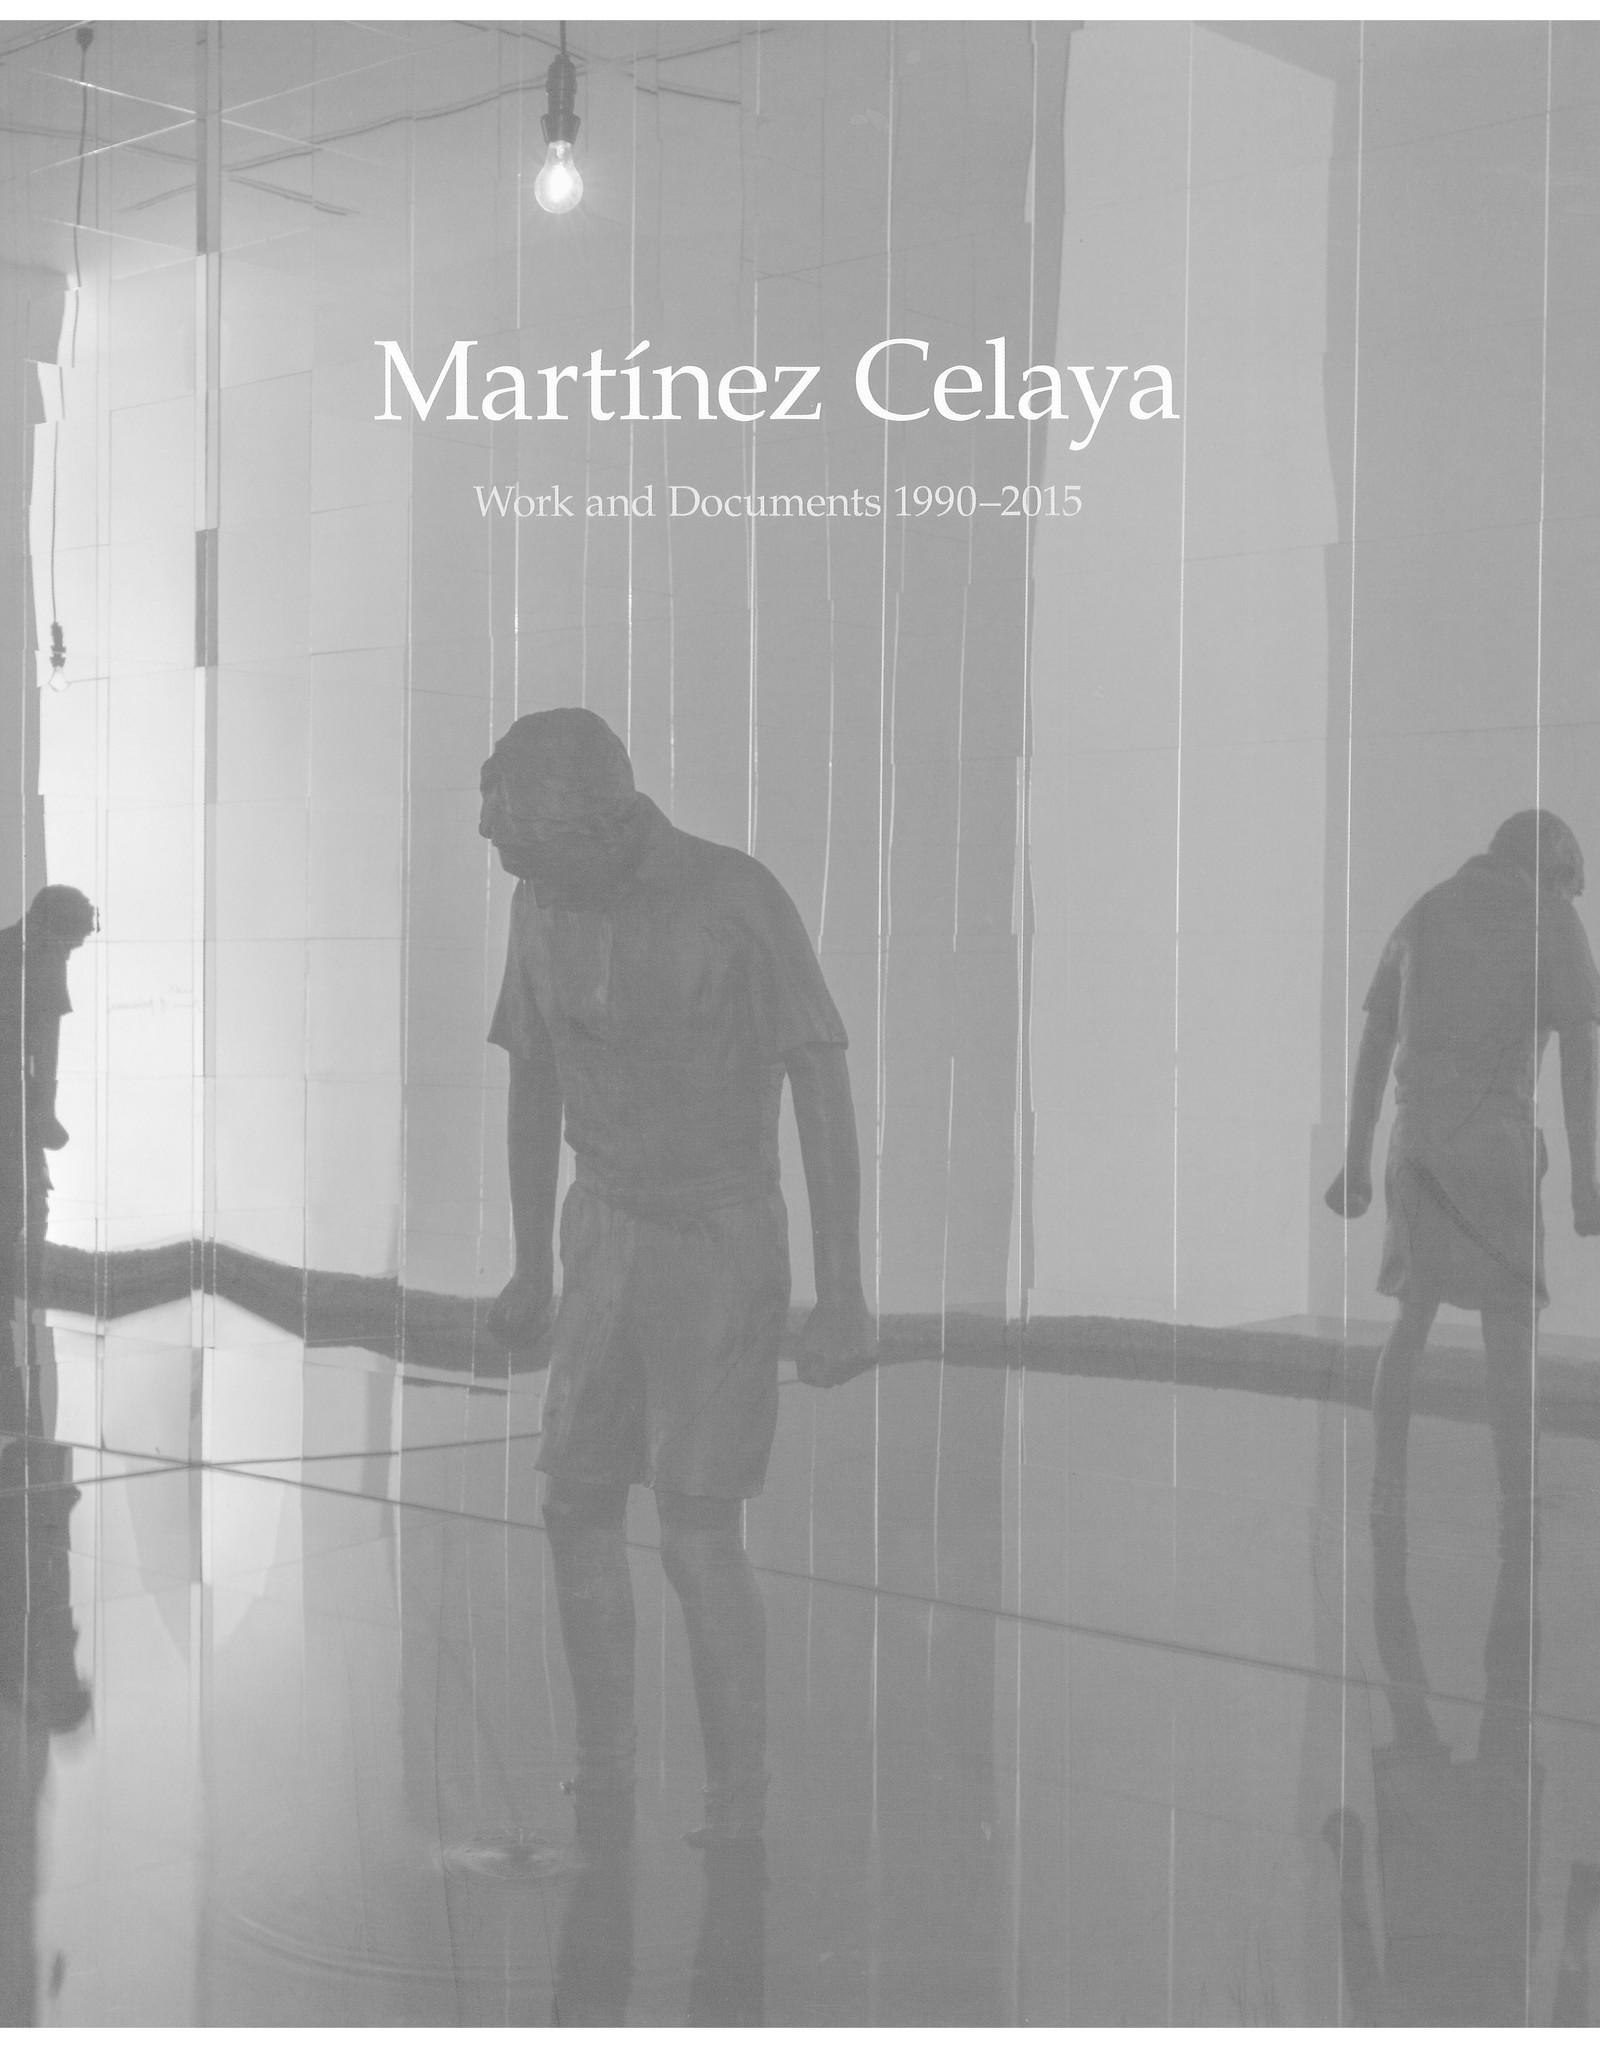 Martinez Celaya: Work and Documents 1990-2015 / Daniel A. Siedell